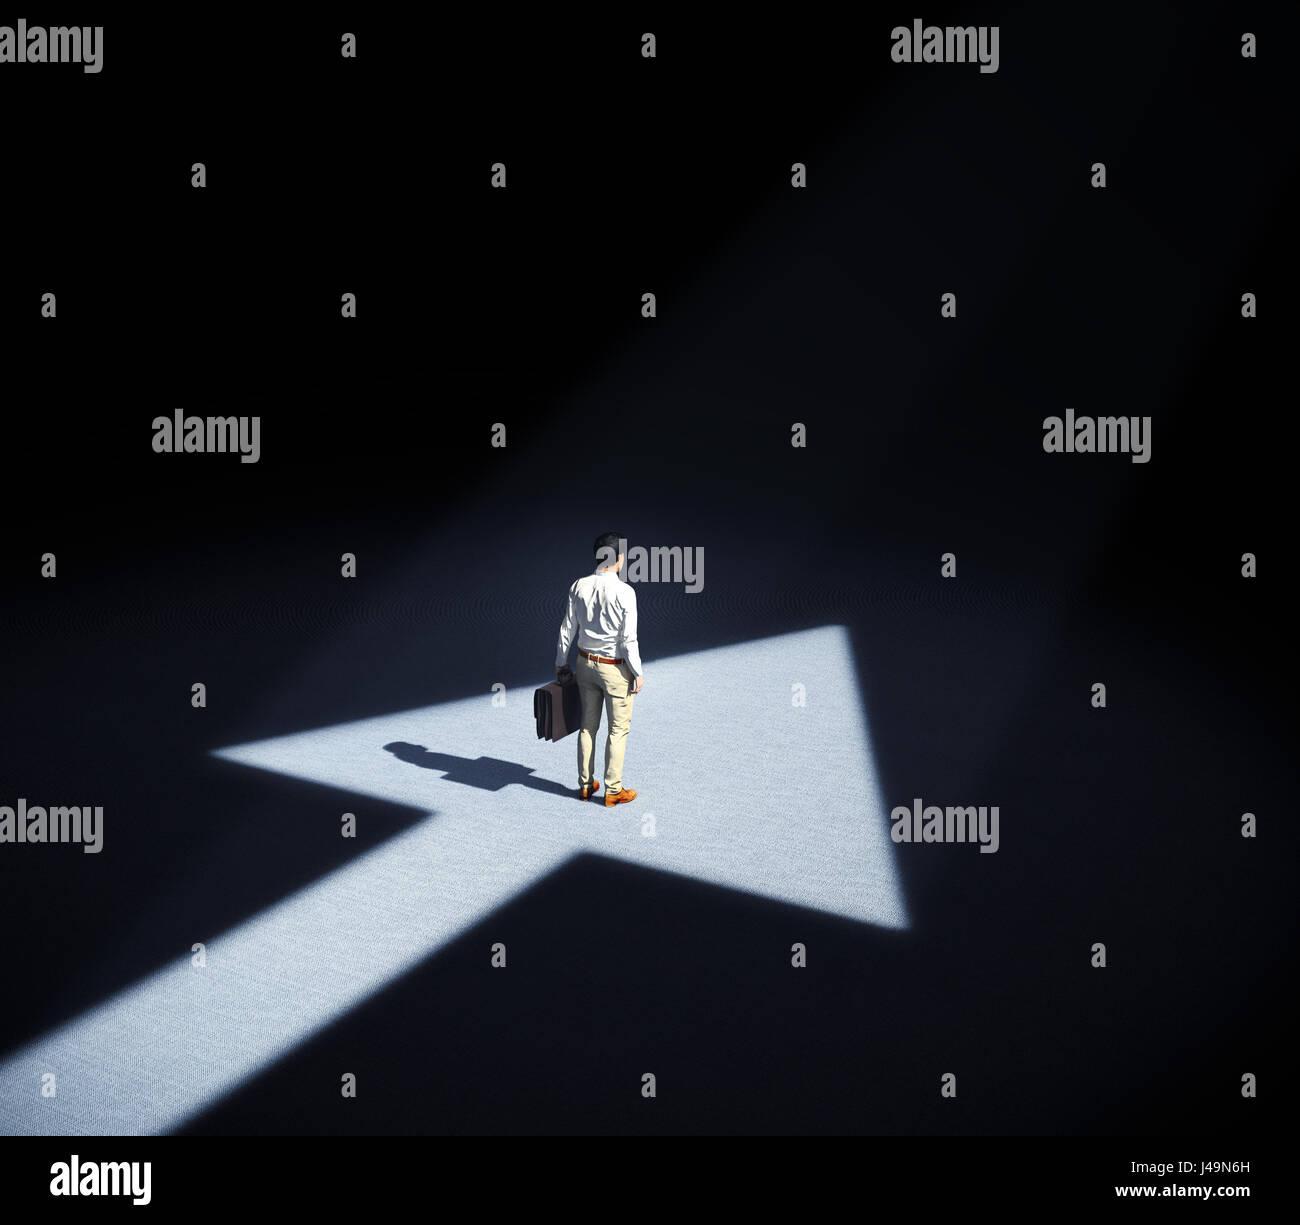 Uomo in piedi in un faretto formando un simbolo a forma di freccia - 3d illustrazione Immagini Stock